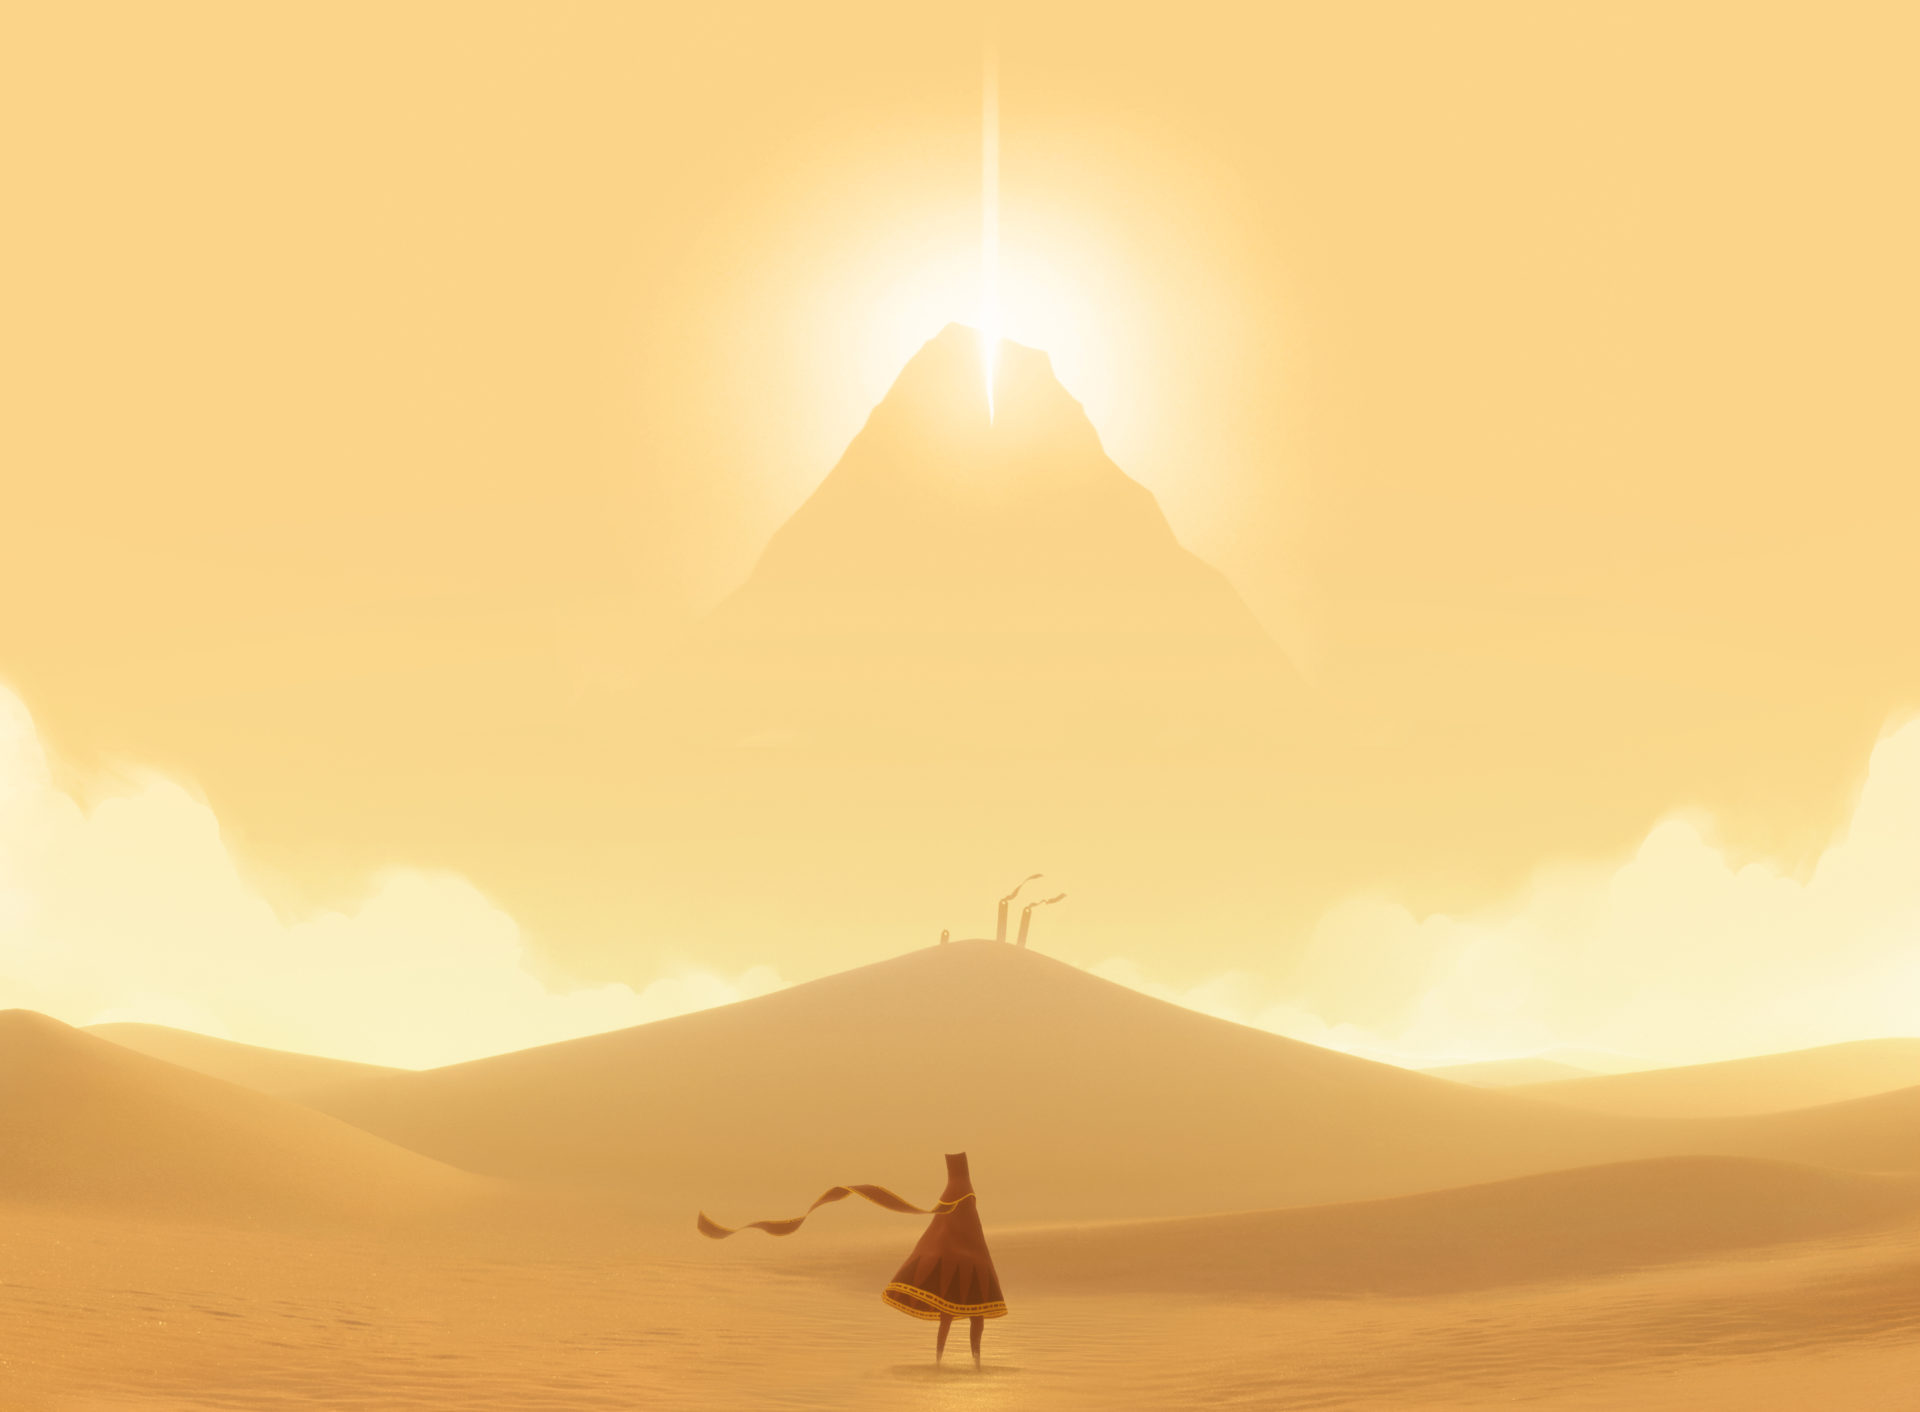 由獨立設計公司製作的《風之旅人》 具詩意的畫面設計,人性化的玩法顛覆傳統遊戲的遊戲設定。